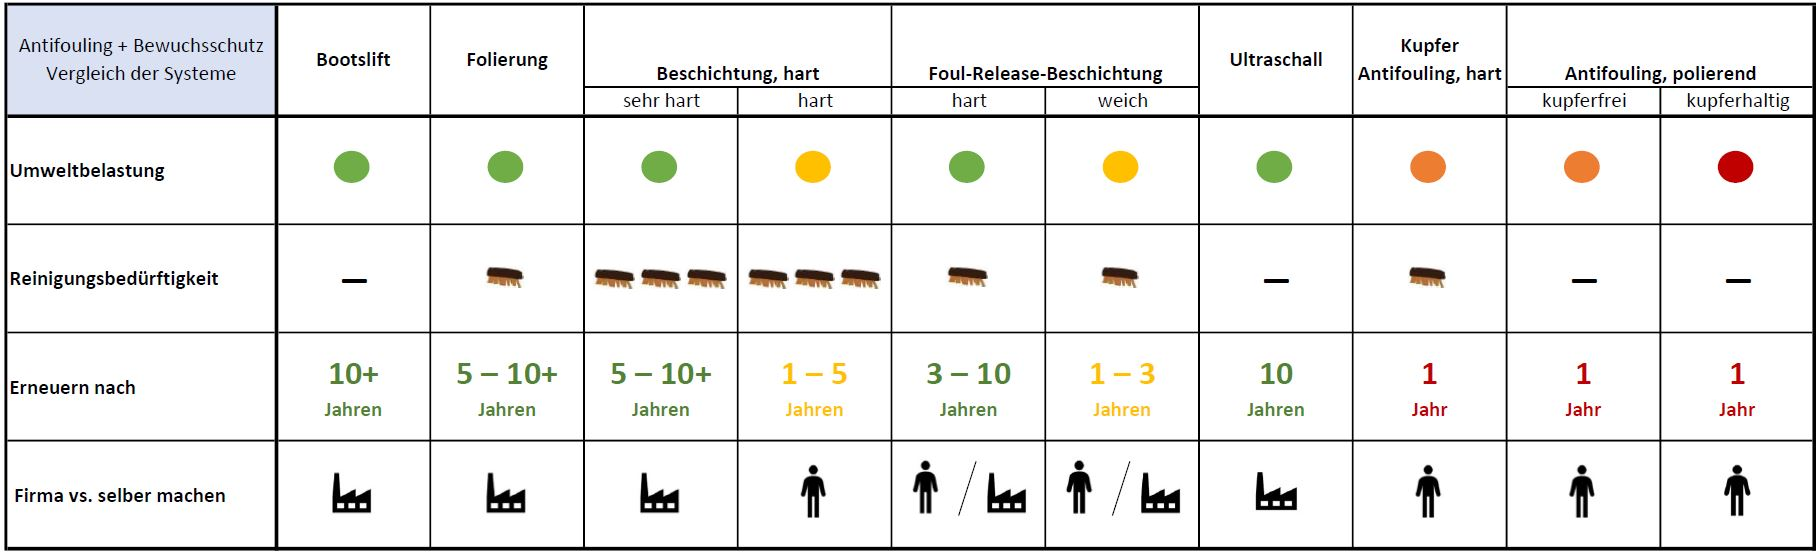 Antifouling Vergleich der Systeme